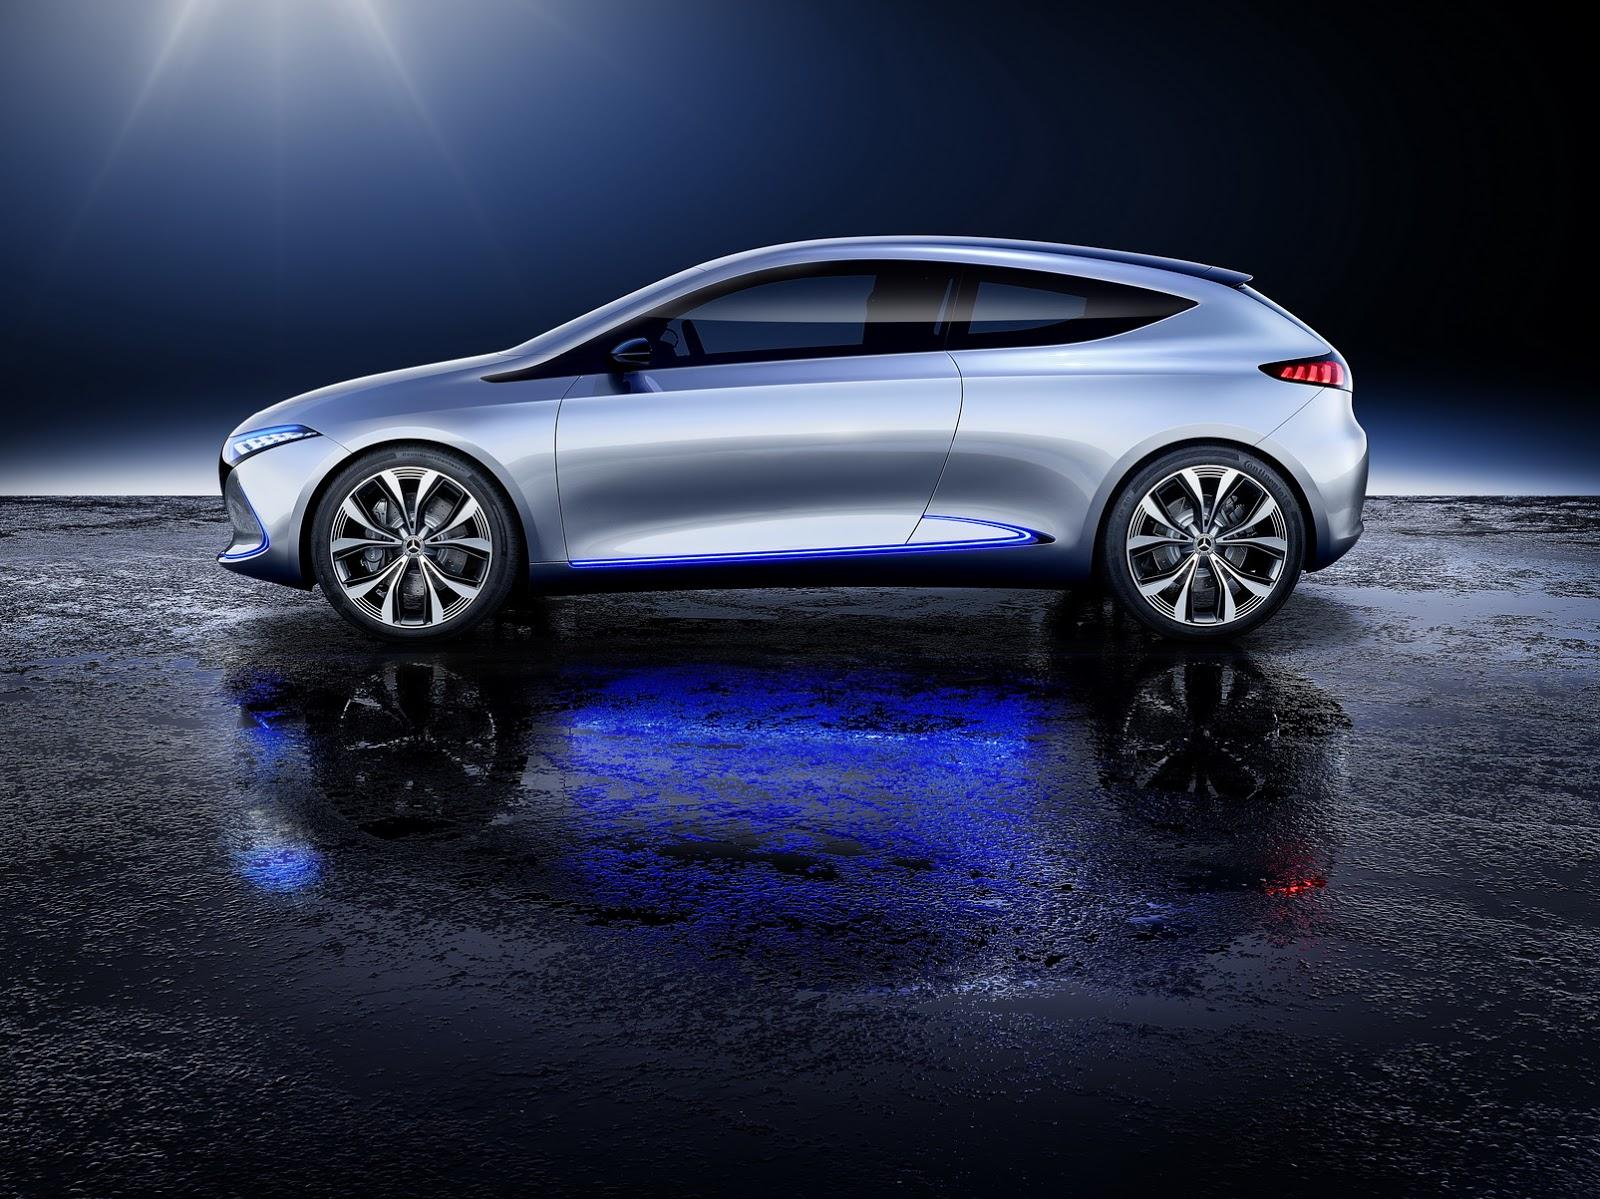 mercedes-eqa-concept-unveiled-15